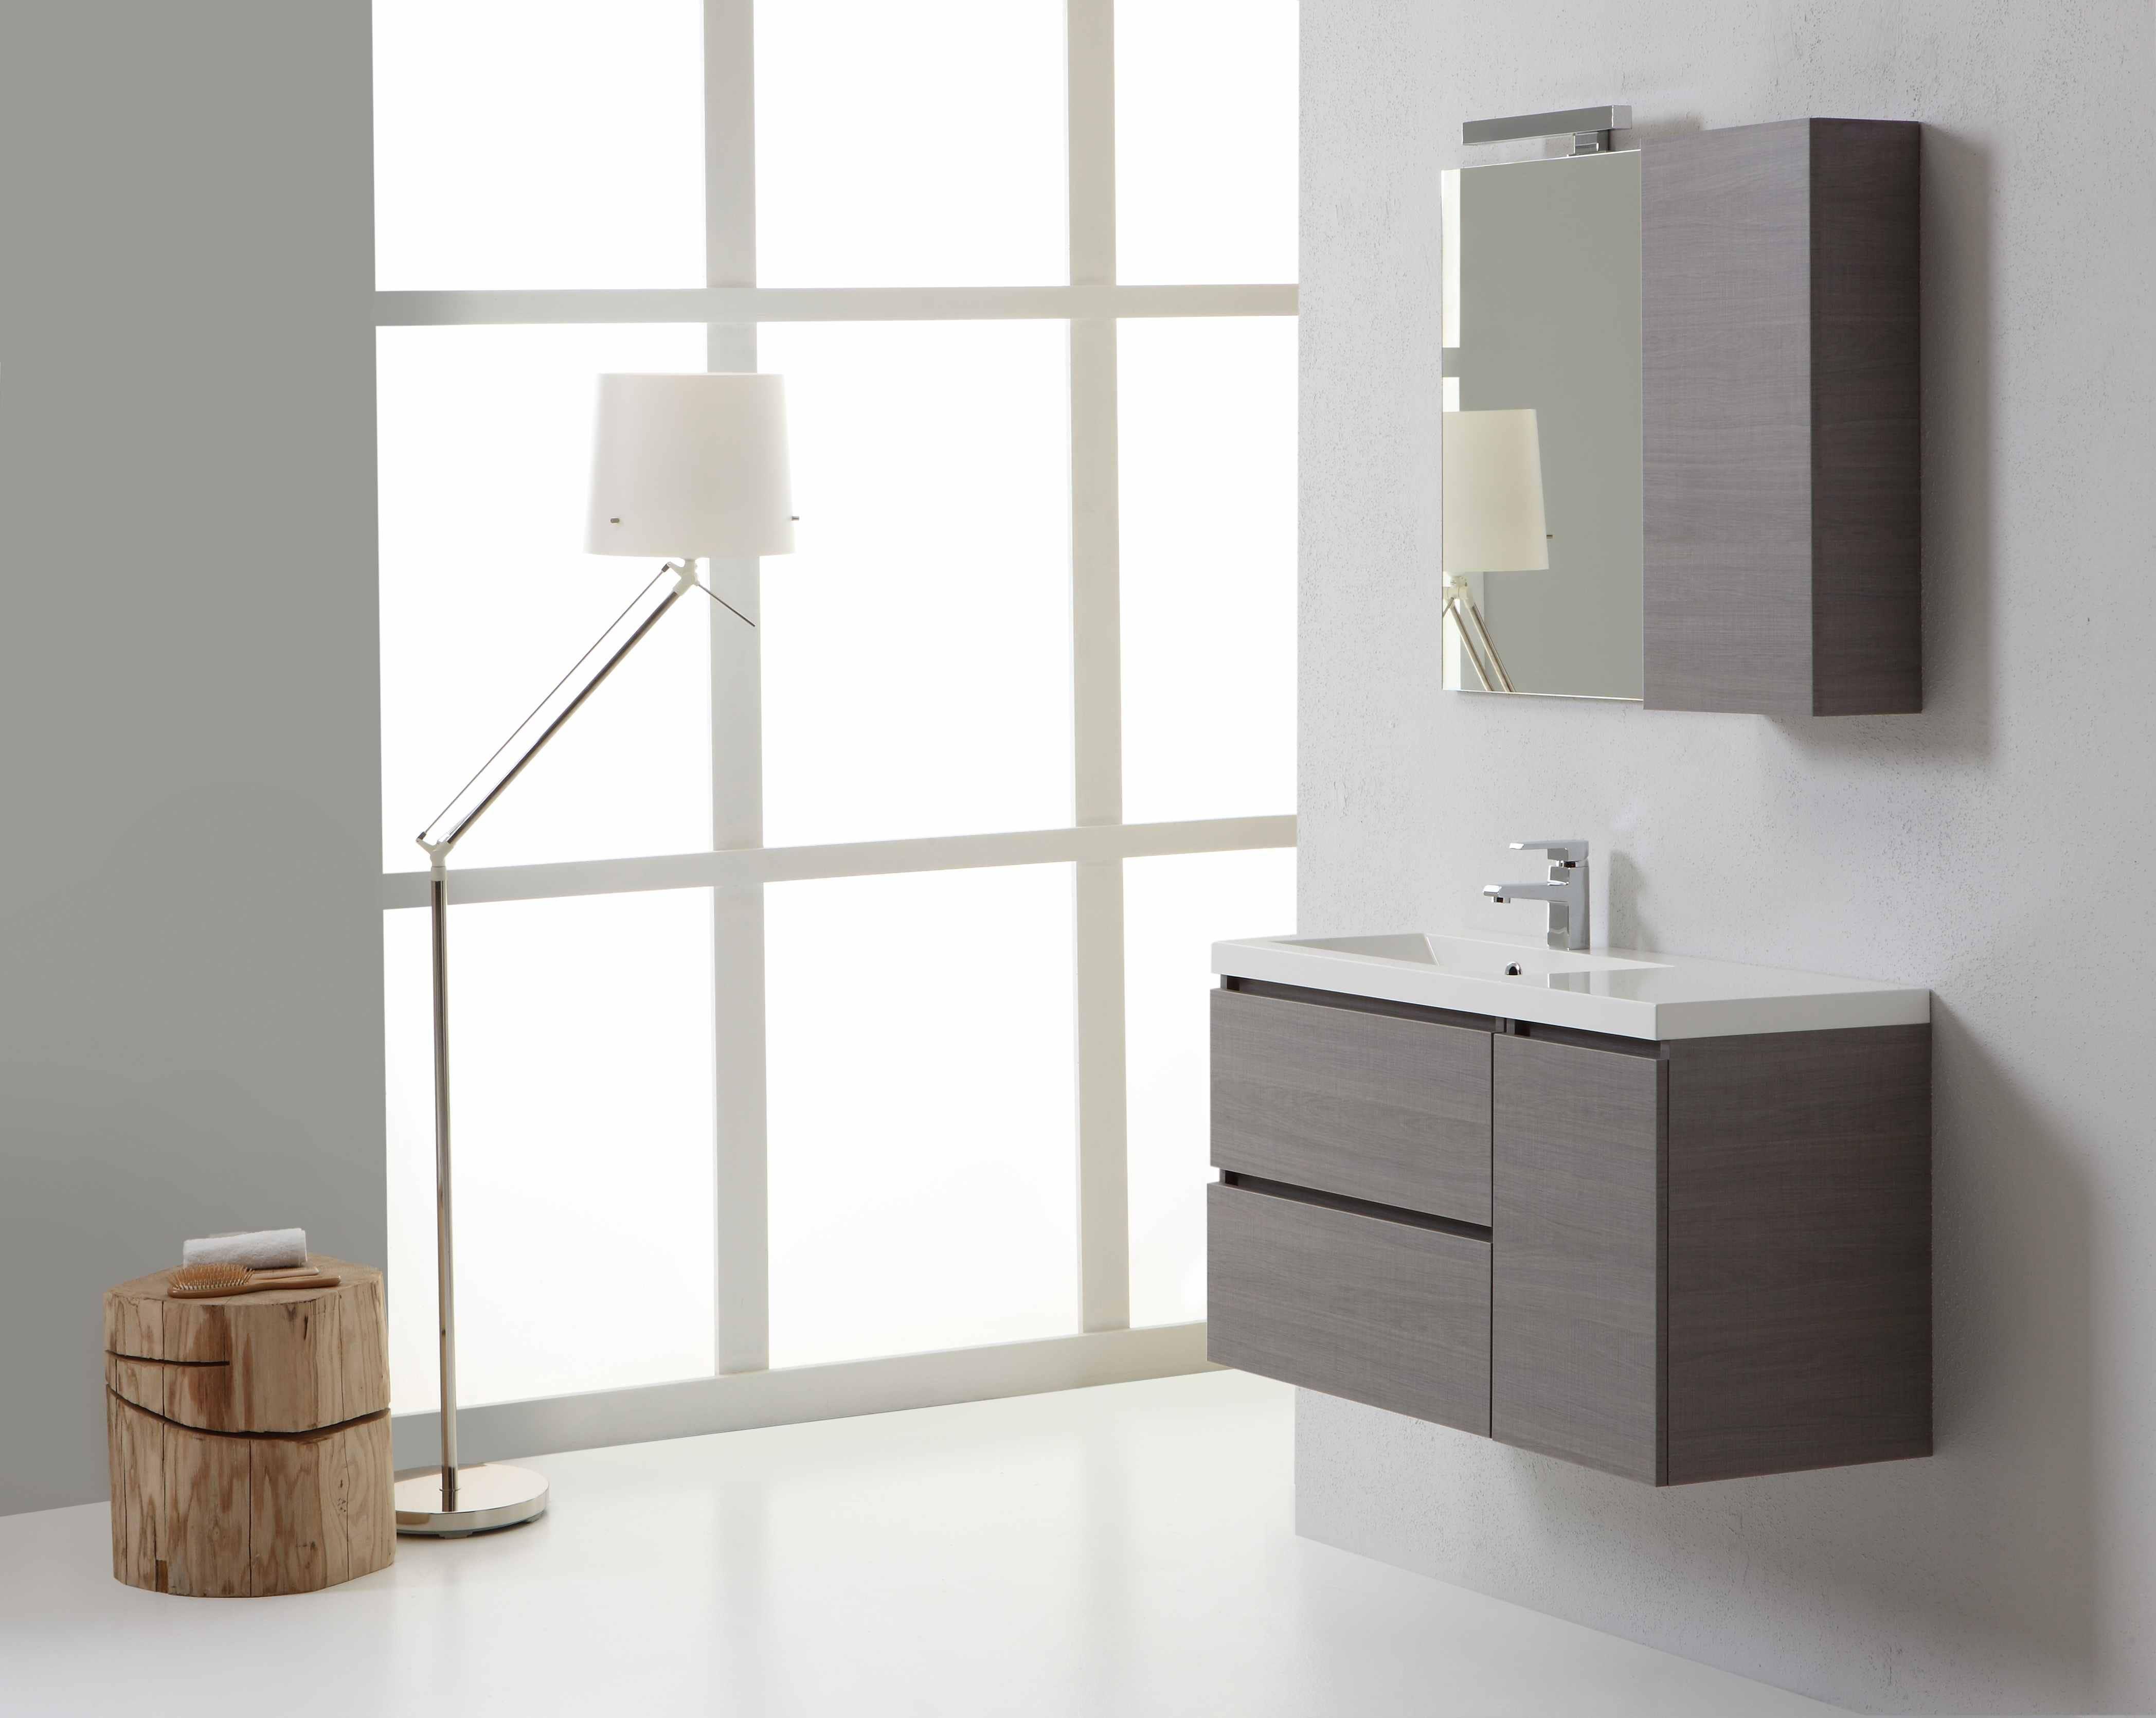 Mobile da bagno finitura grigio moderno disponibile online in varie dimensioni ebay - Bagno moderno grigio ...